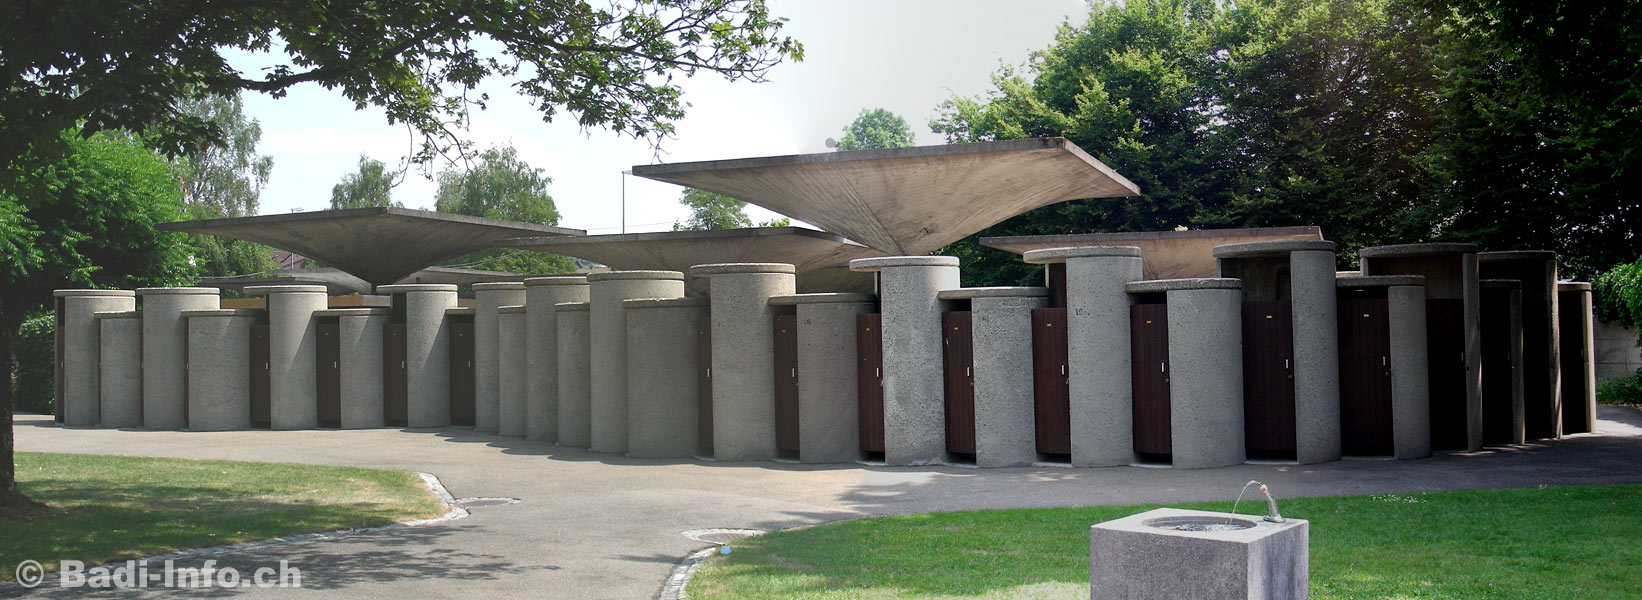 Architektur schwimmbad wohlen - Schwimmbad architektur ...